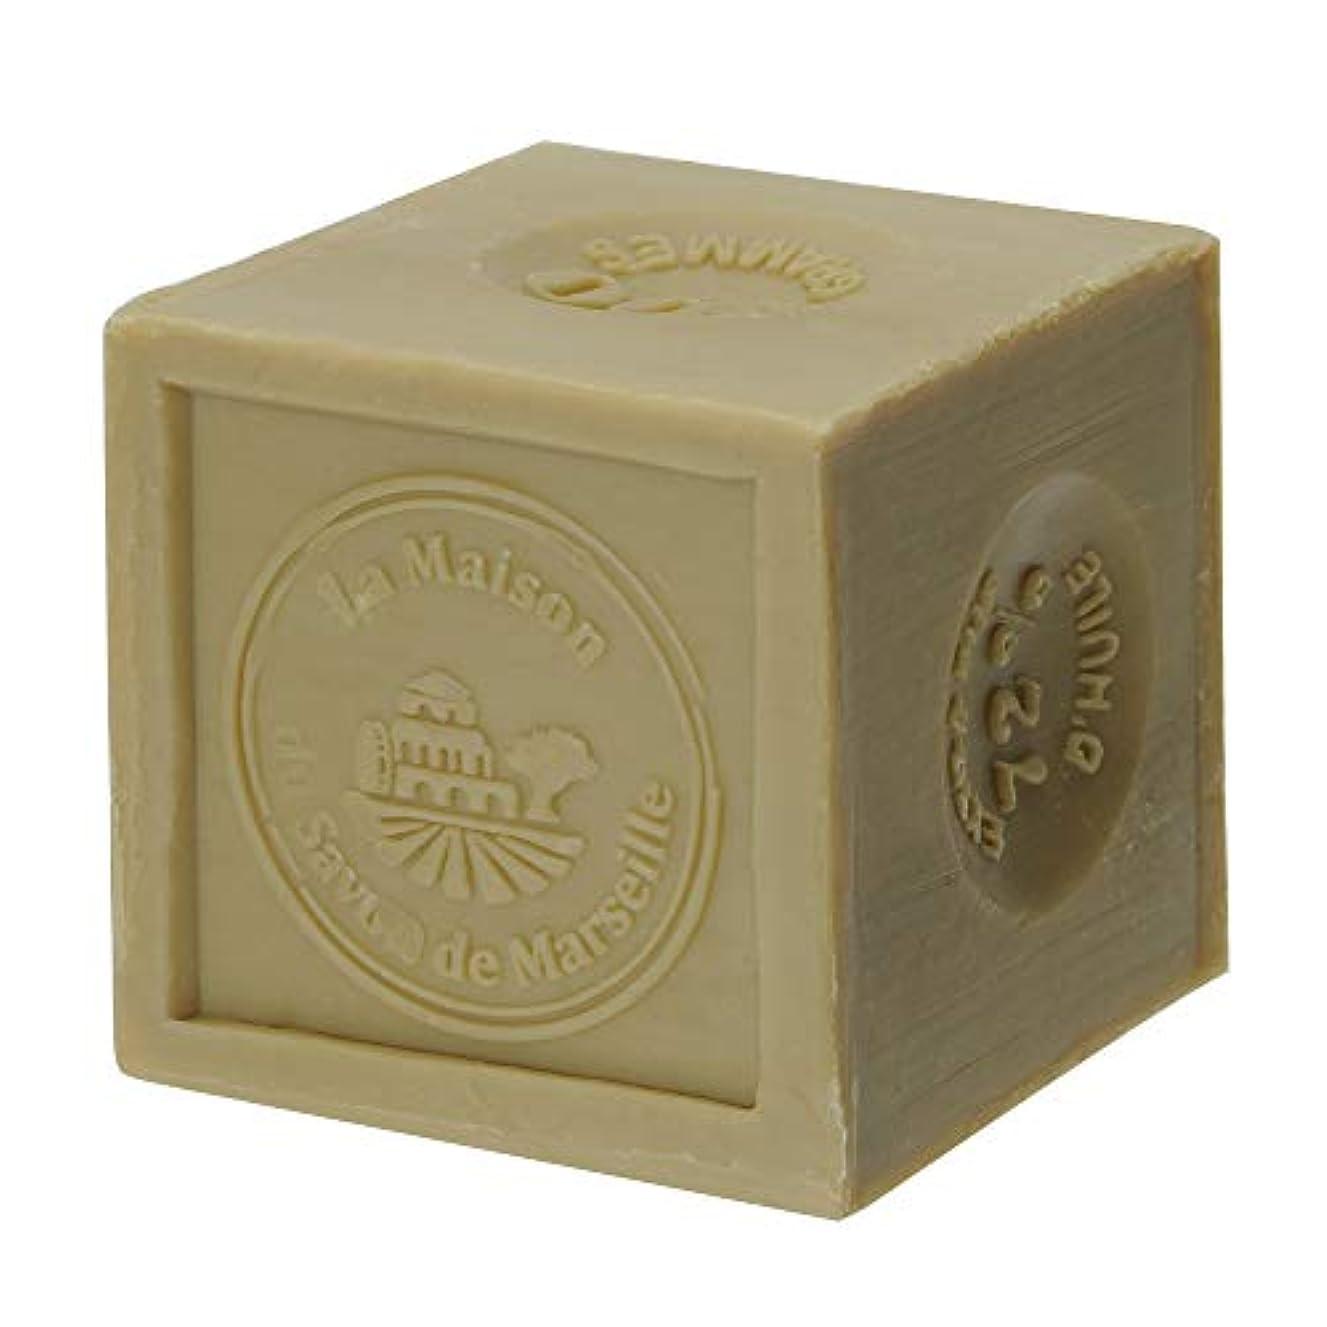 水差しはずご飯ノルコーポレーション マルセイユ石鹸 オリーブ UPSM認証マーク付き 300g MLL-3-1